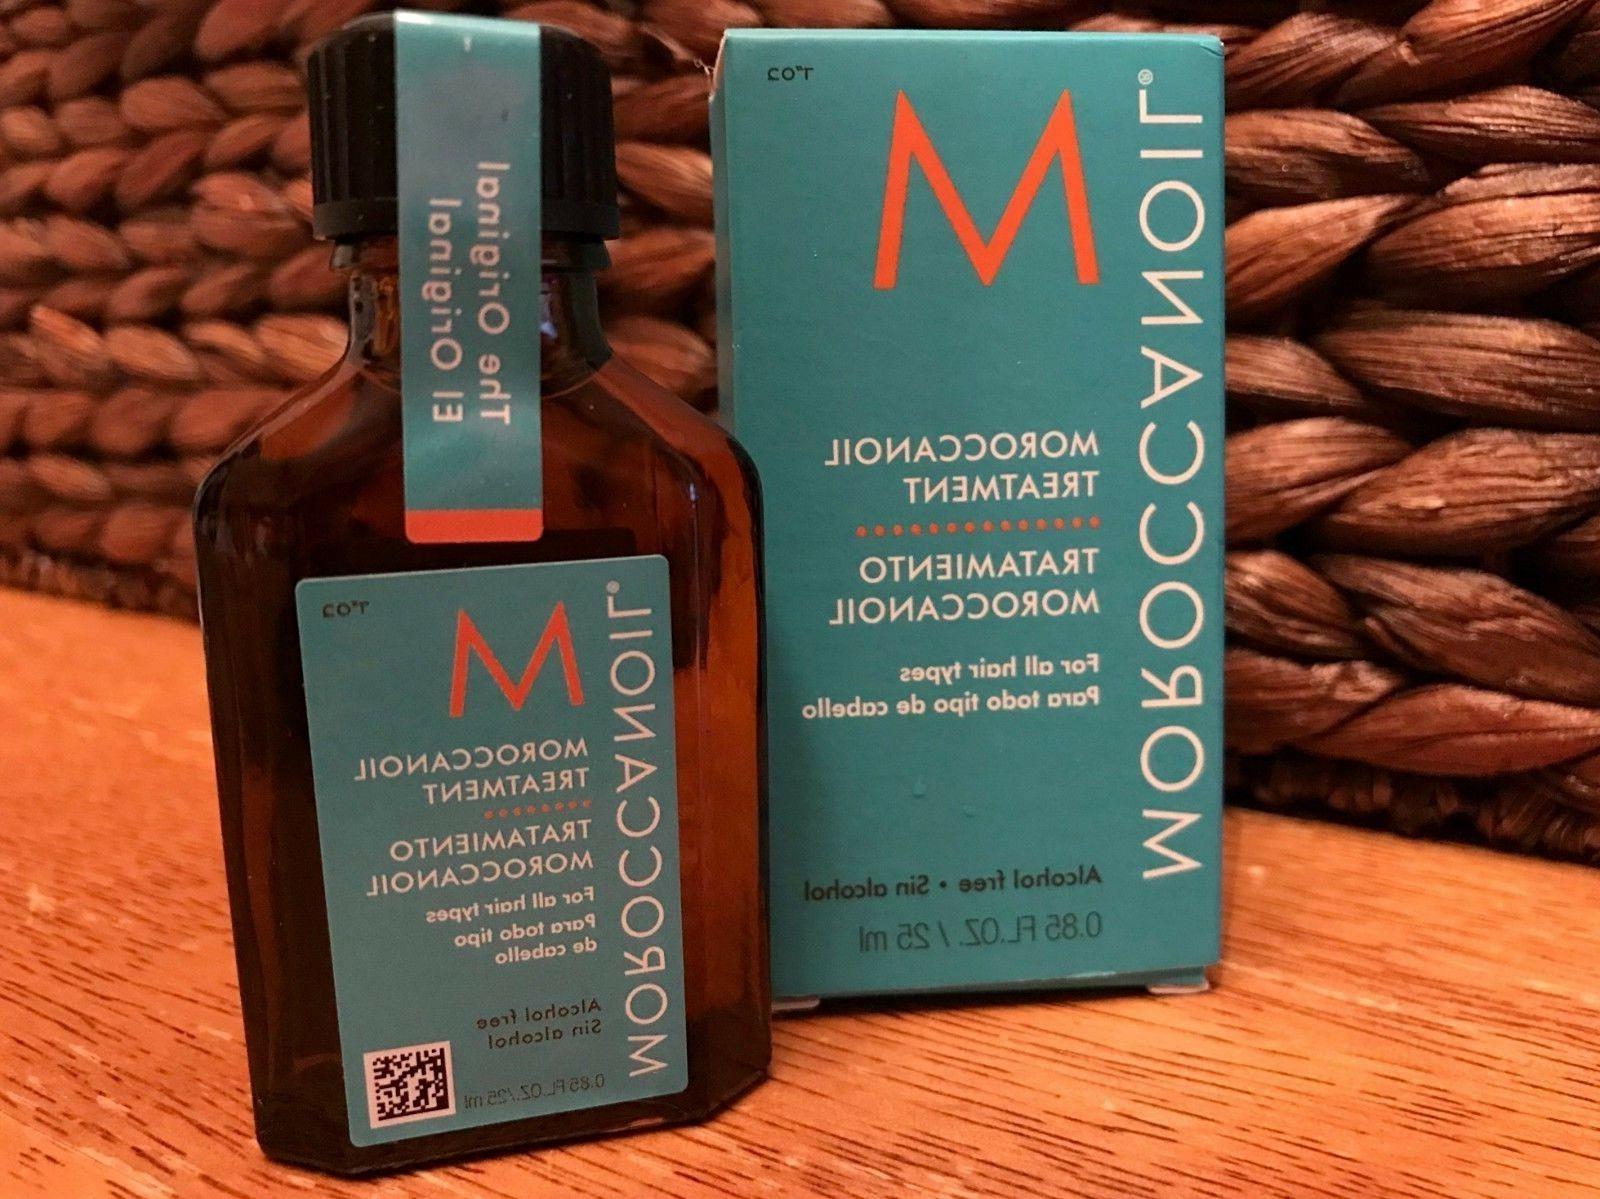 25ml hair treatment original 85 oz 25